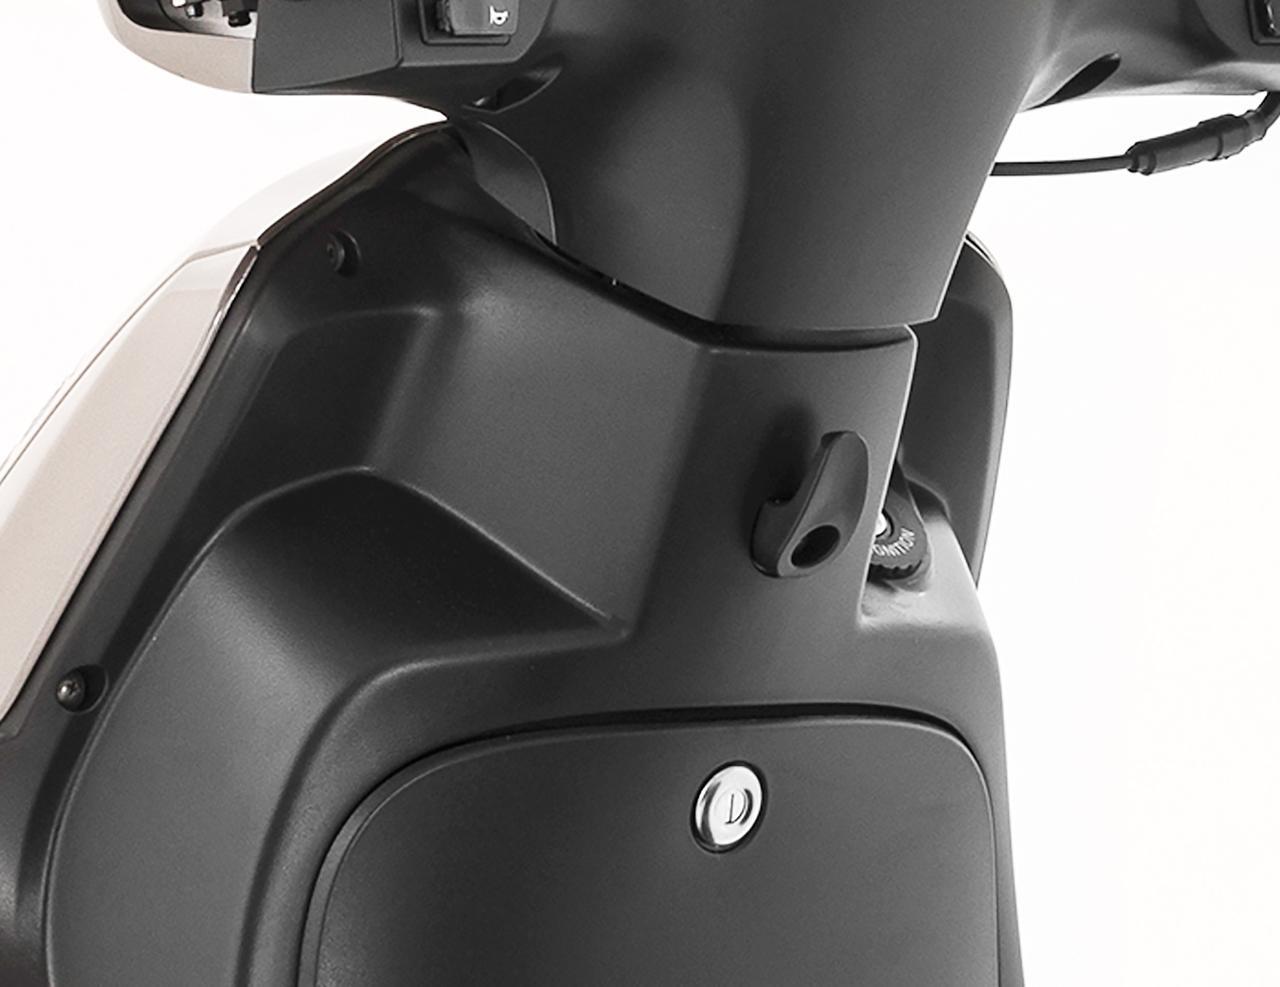 Images : 2番目の画像 - プジョー「ツイート 150 ABS スペシャルエディション」の細部を見る! - webオートバイ